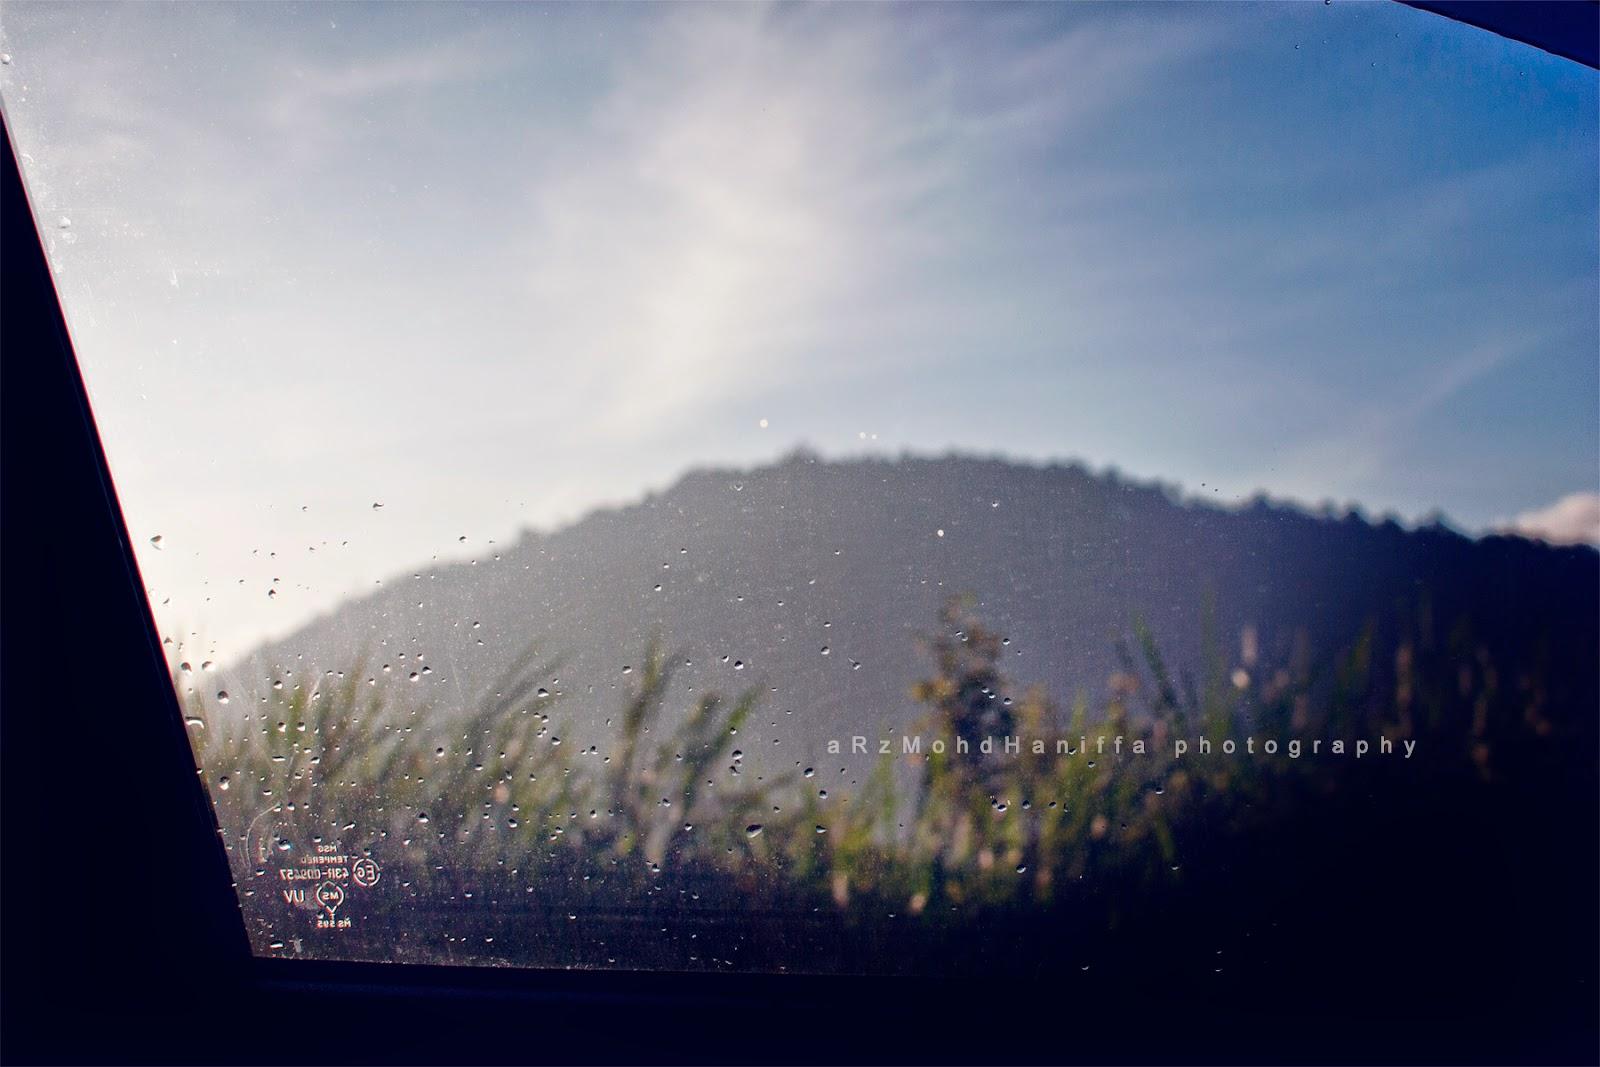 photography, arzmoha, rain, hujan, gambar cantik, Gerik, Car, Hill, Bukit,